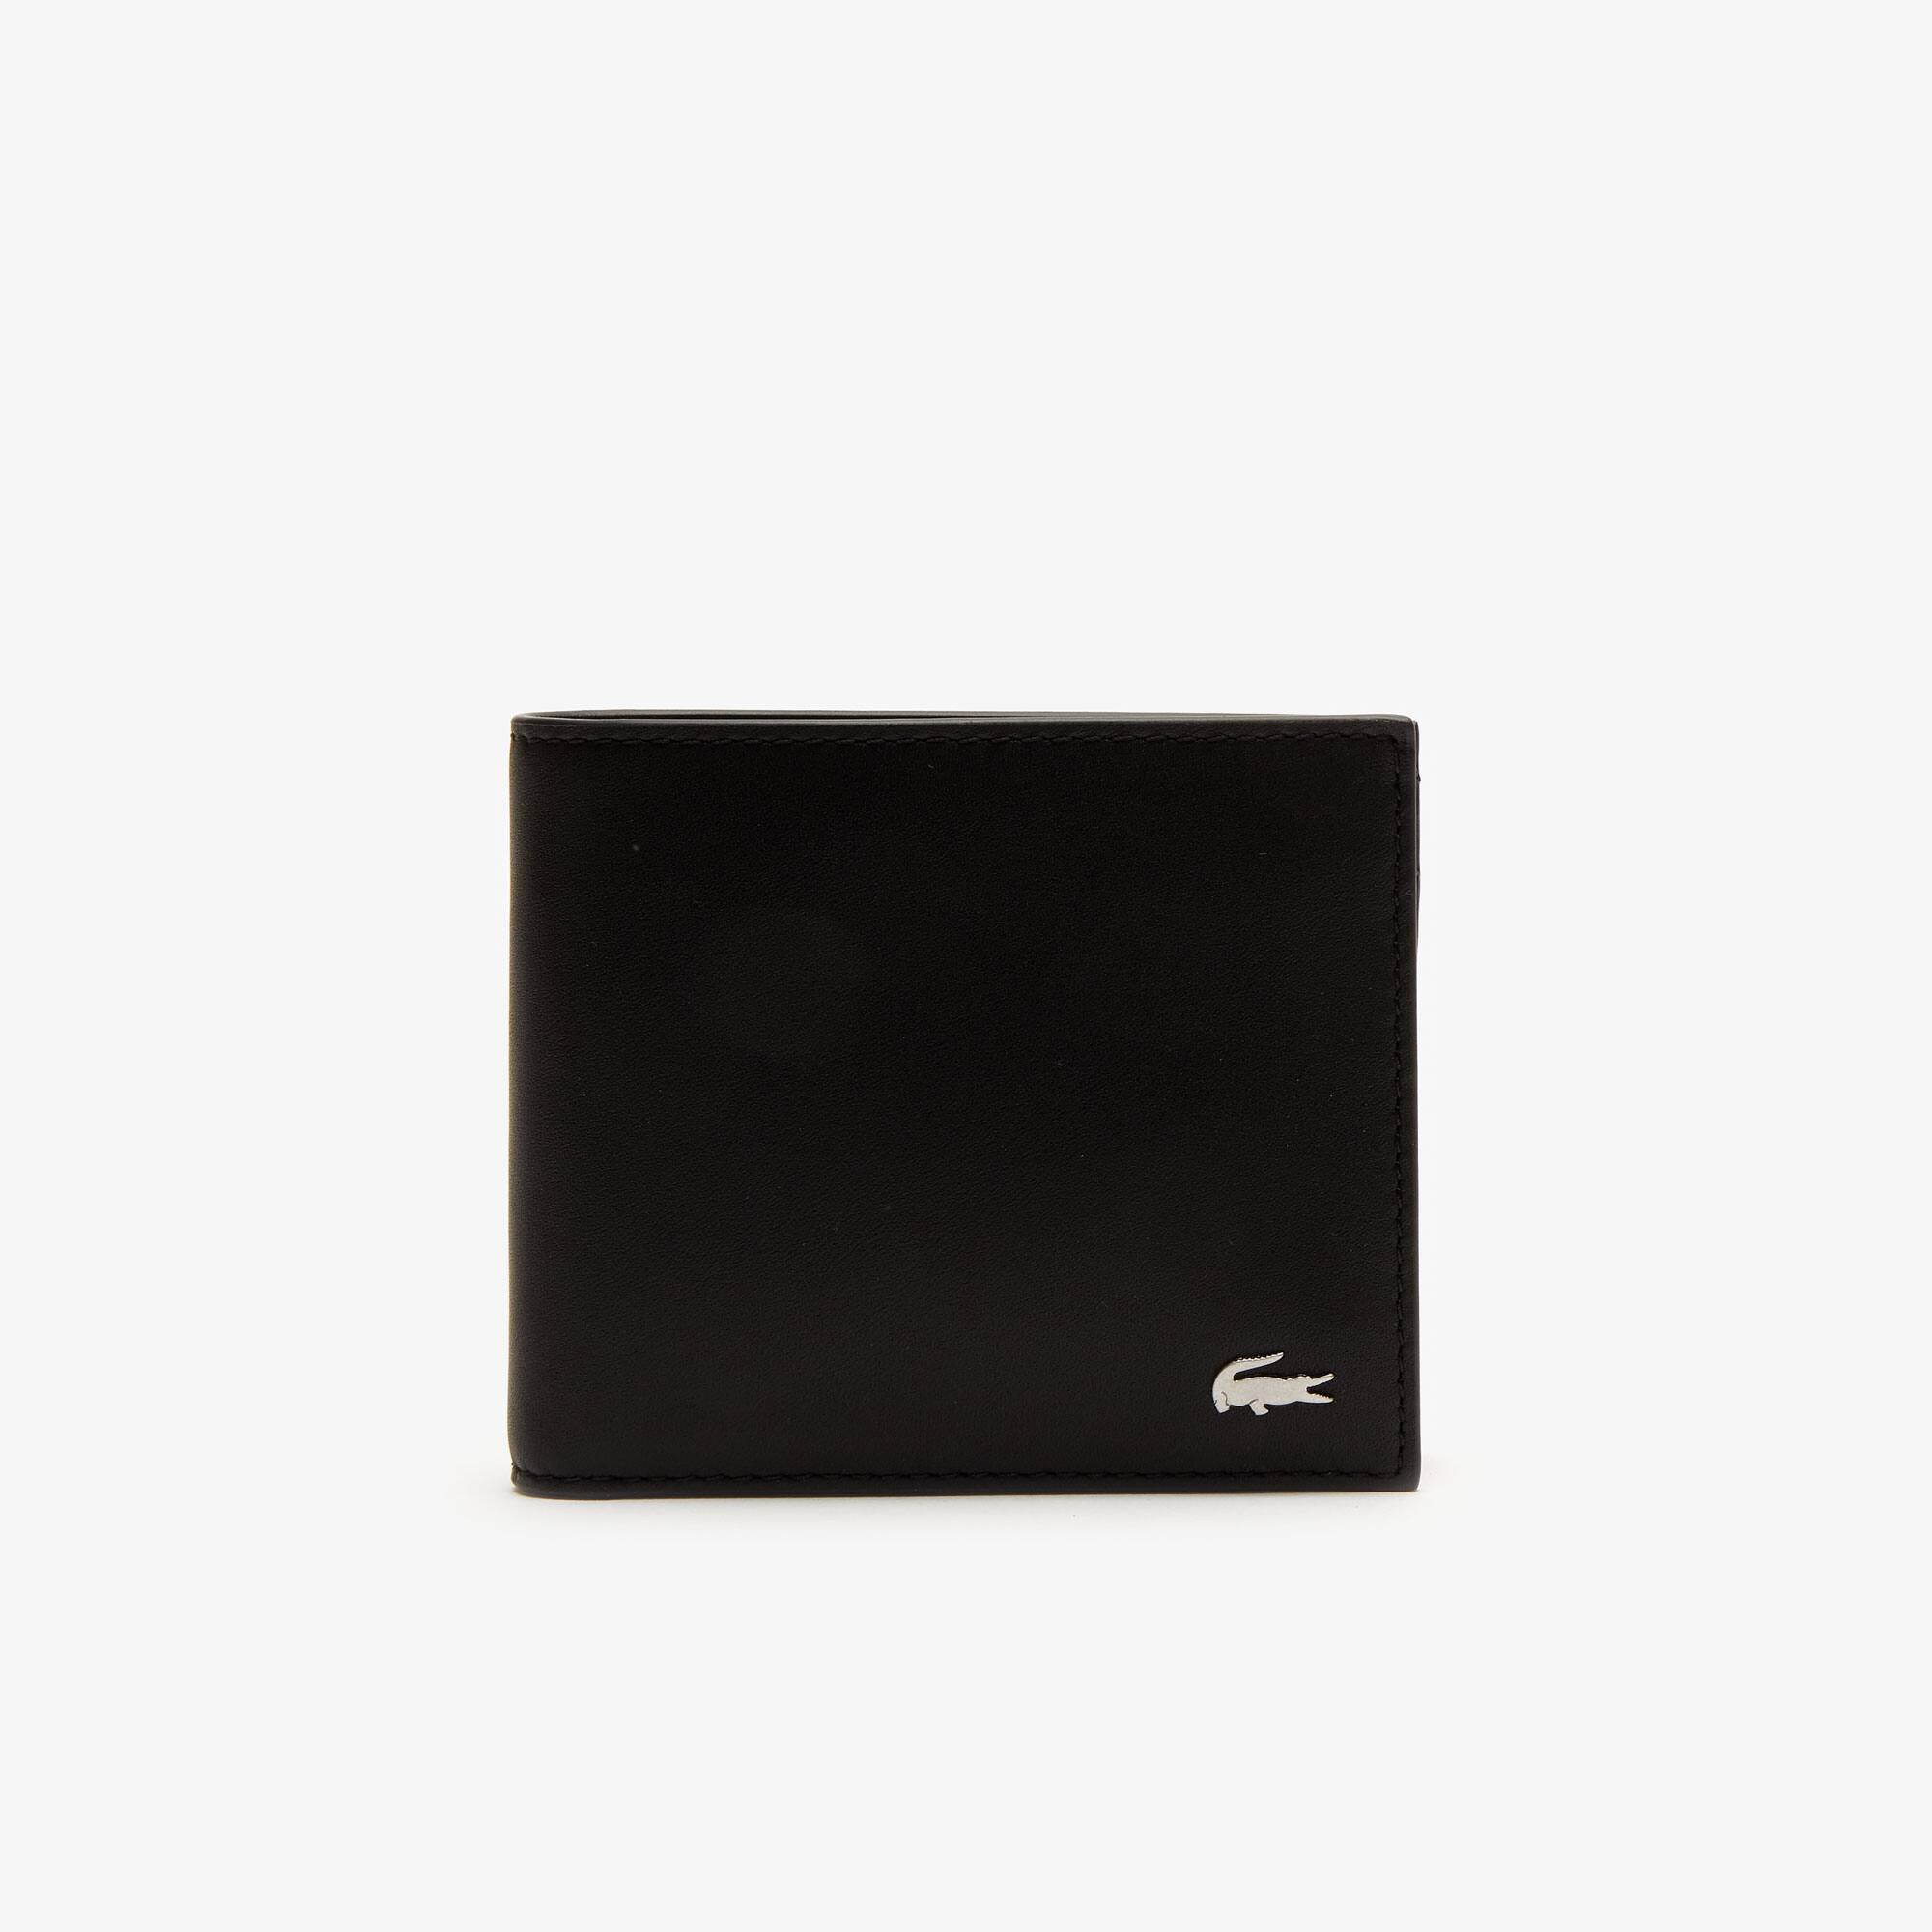 Coffret portefeuille et porte-cartes Fitzgerald en cuir uni